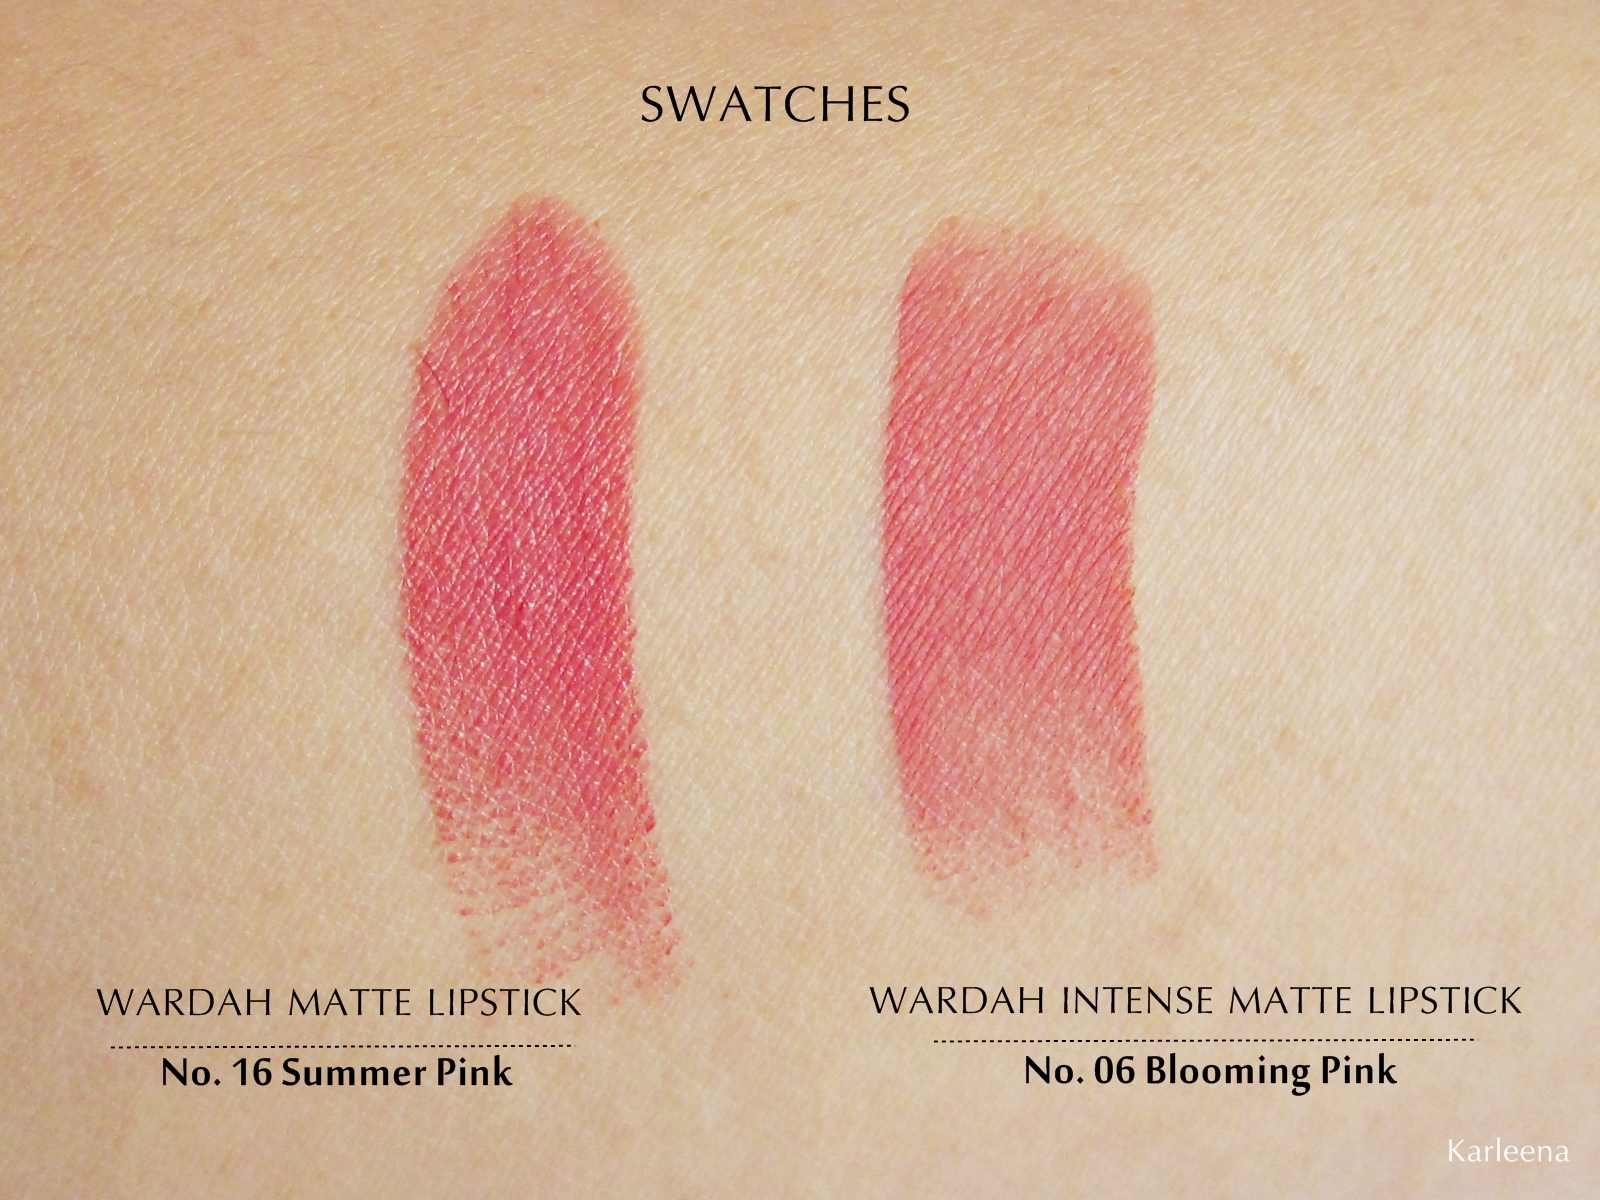 Wardah Intense Matte Lipstick 06 Blooming Pink 2 5gr Daftar Harga Passionate 07 25gr Source Bisa Kita Lihat Memang Warnanya Mirip